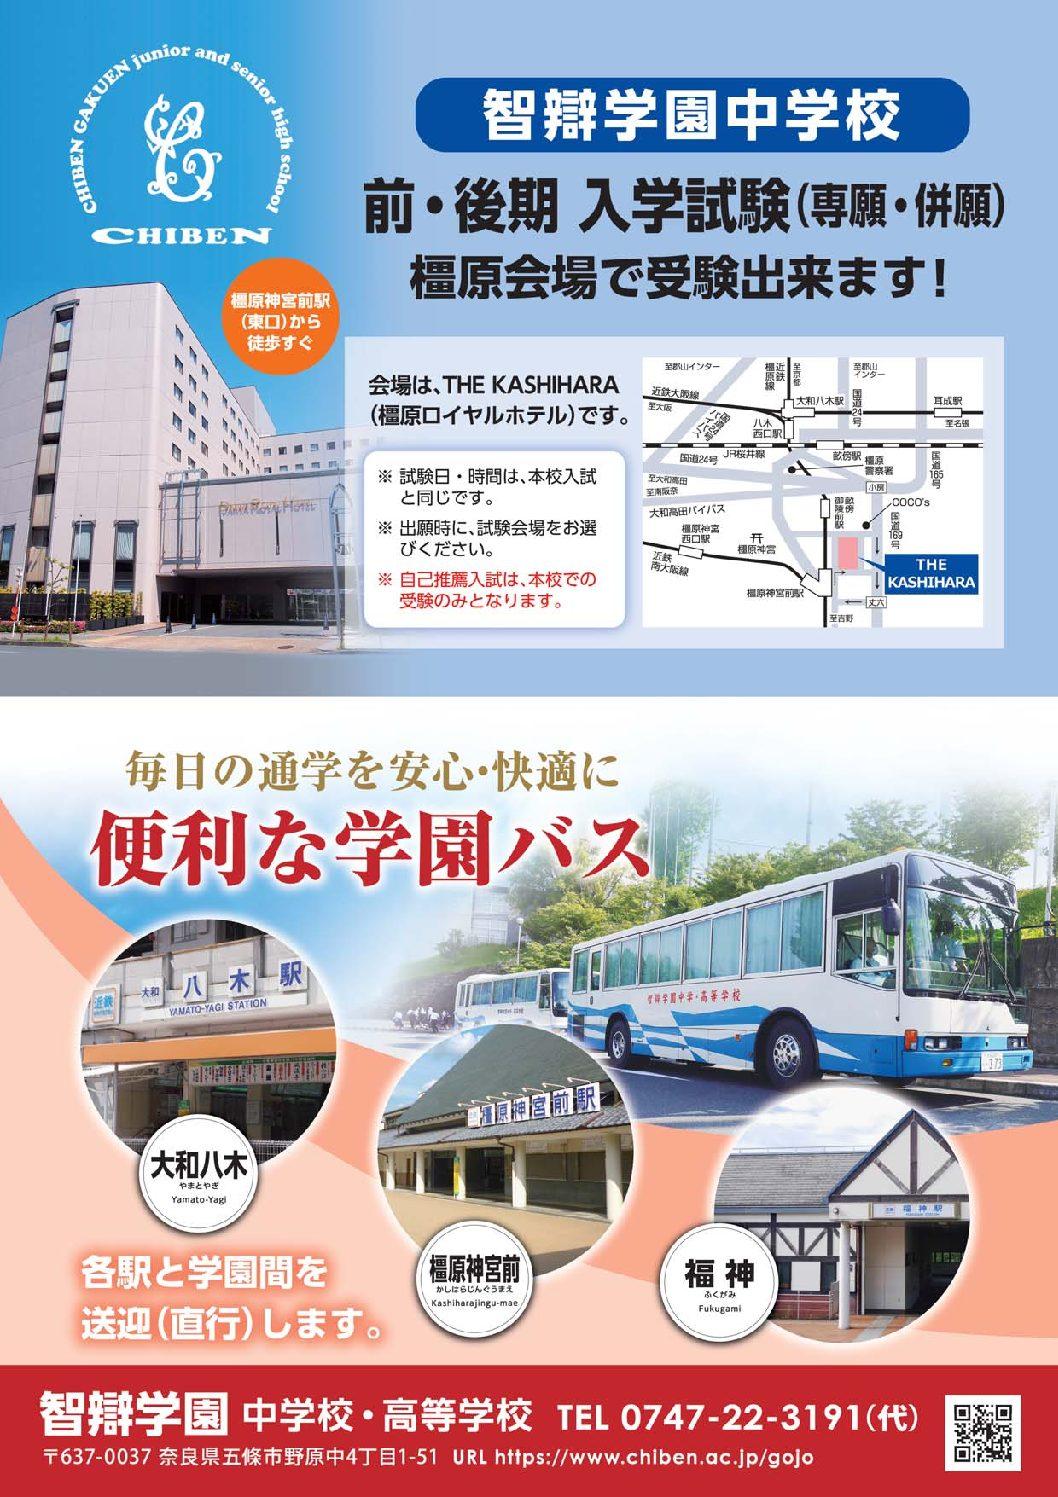 【中学校】入学試験、別会場(THE KASHIHARA・橿原市)で受験できます。